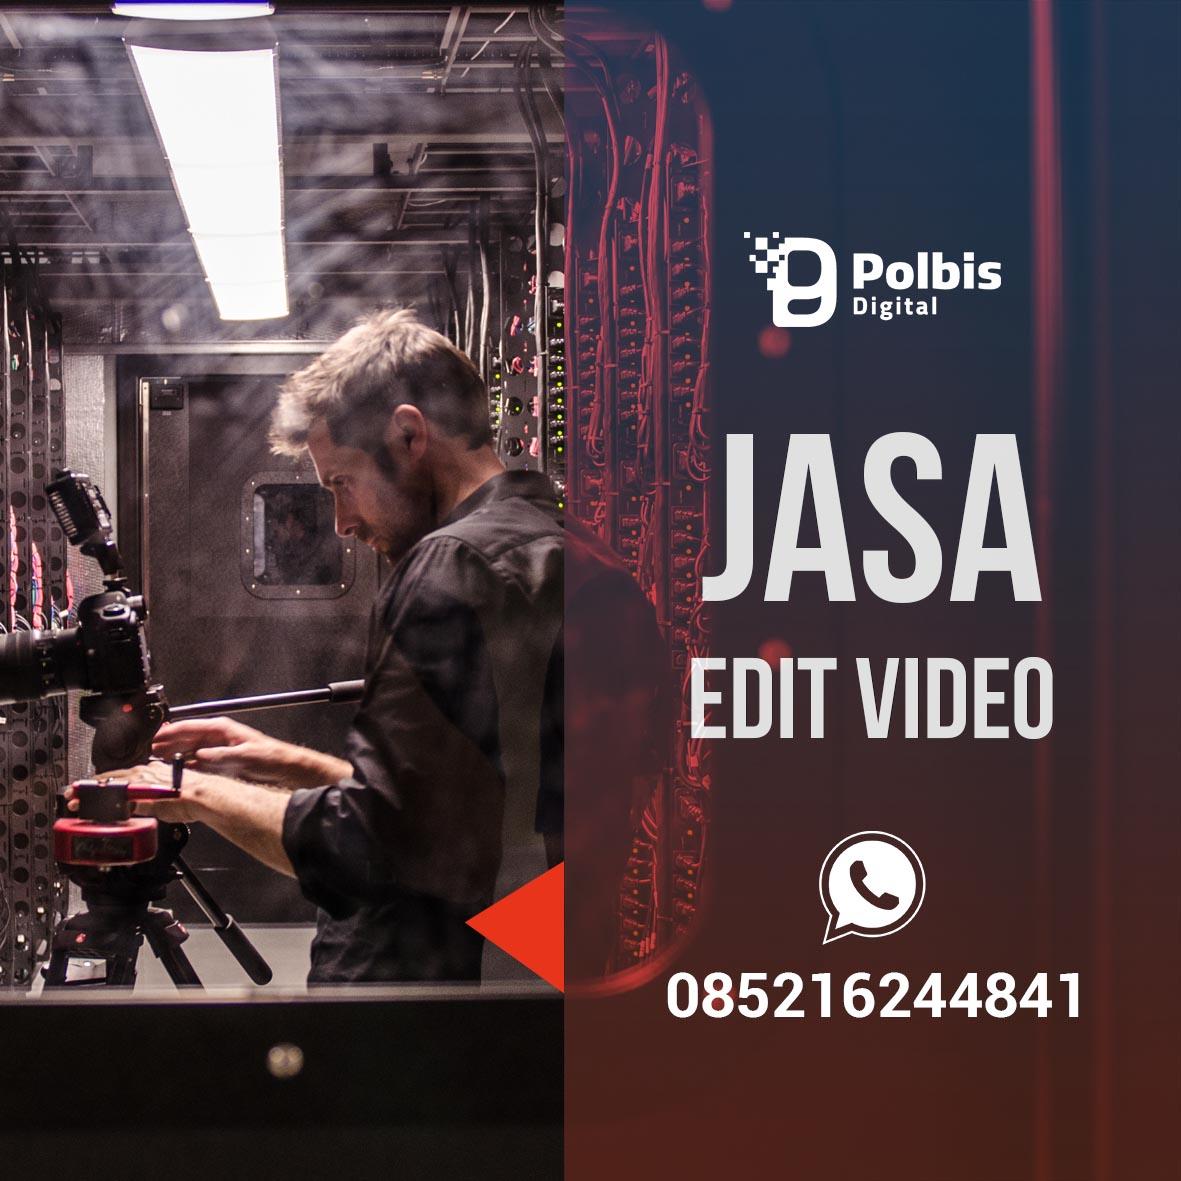 JASA EDIT VIDEO MURAH DAN BERKUALITAS DI PADANG